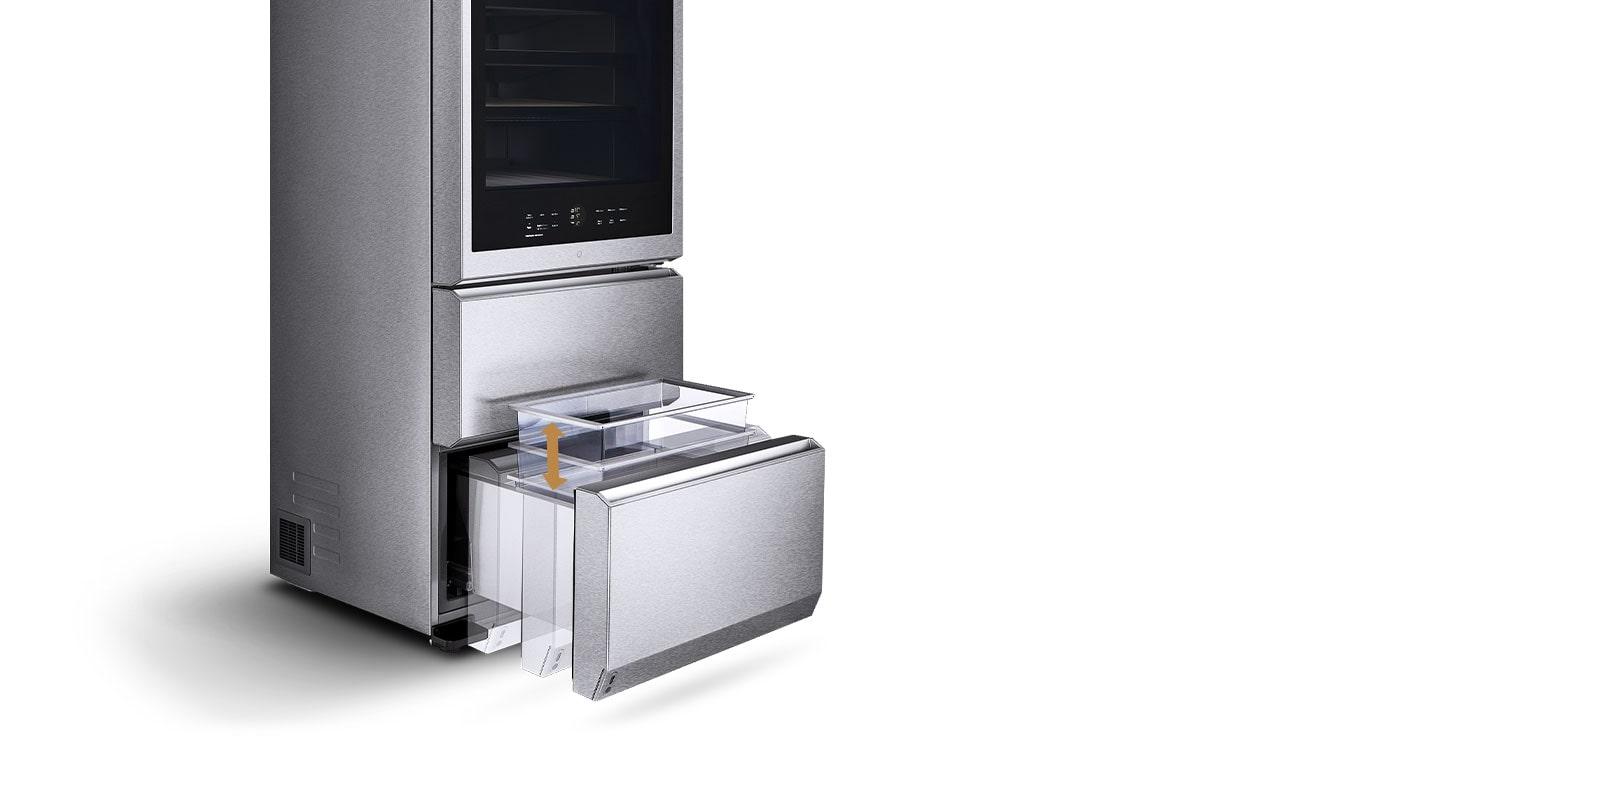 El cajón de la Vinoteca Gourmet LG SIGNATURE se eleva automáticamente a nivel de la vista con tan solo pulsar un botón, eliminando la necesidad de agacharse